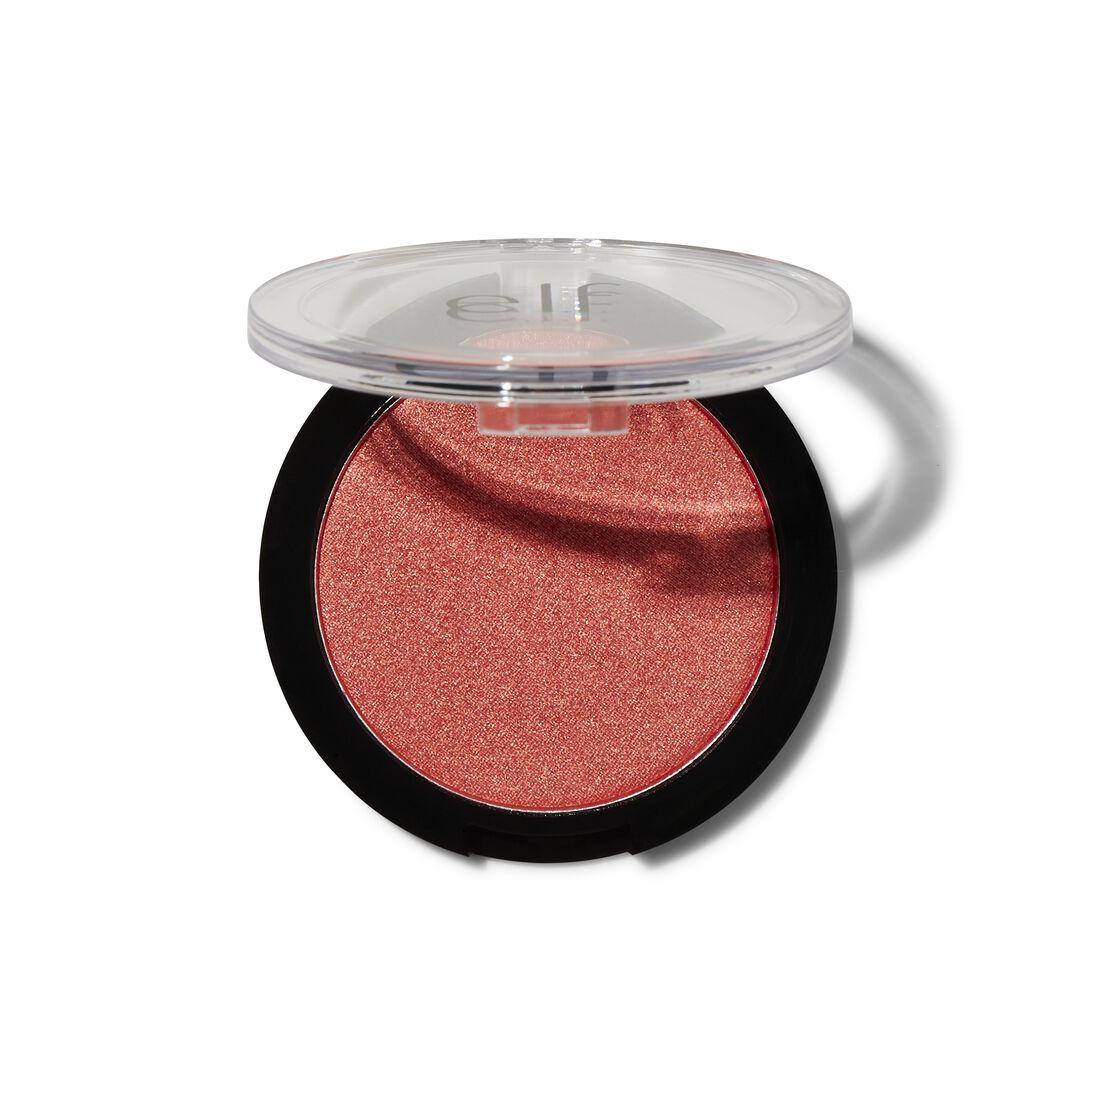 e.l.f. Cosmetics Luminous Blush